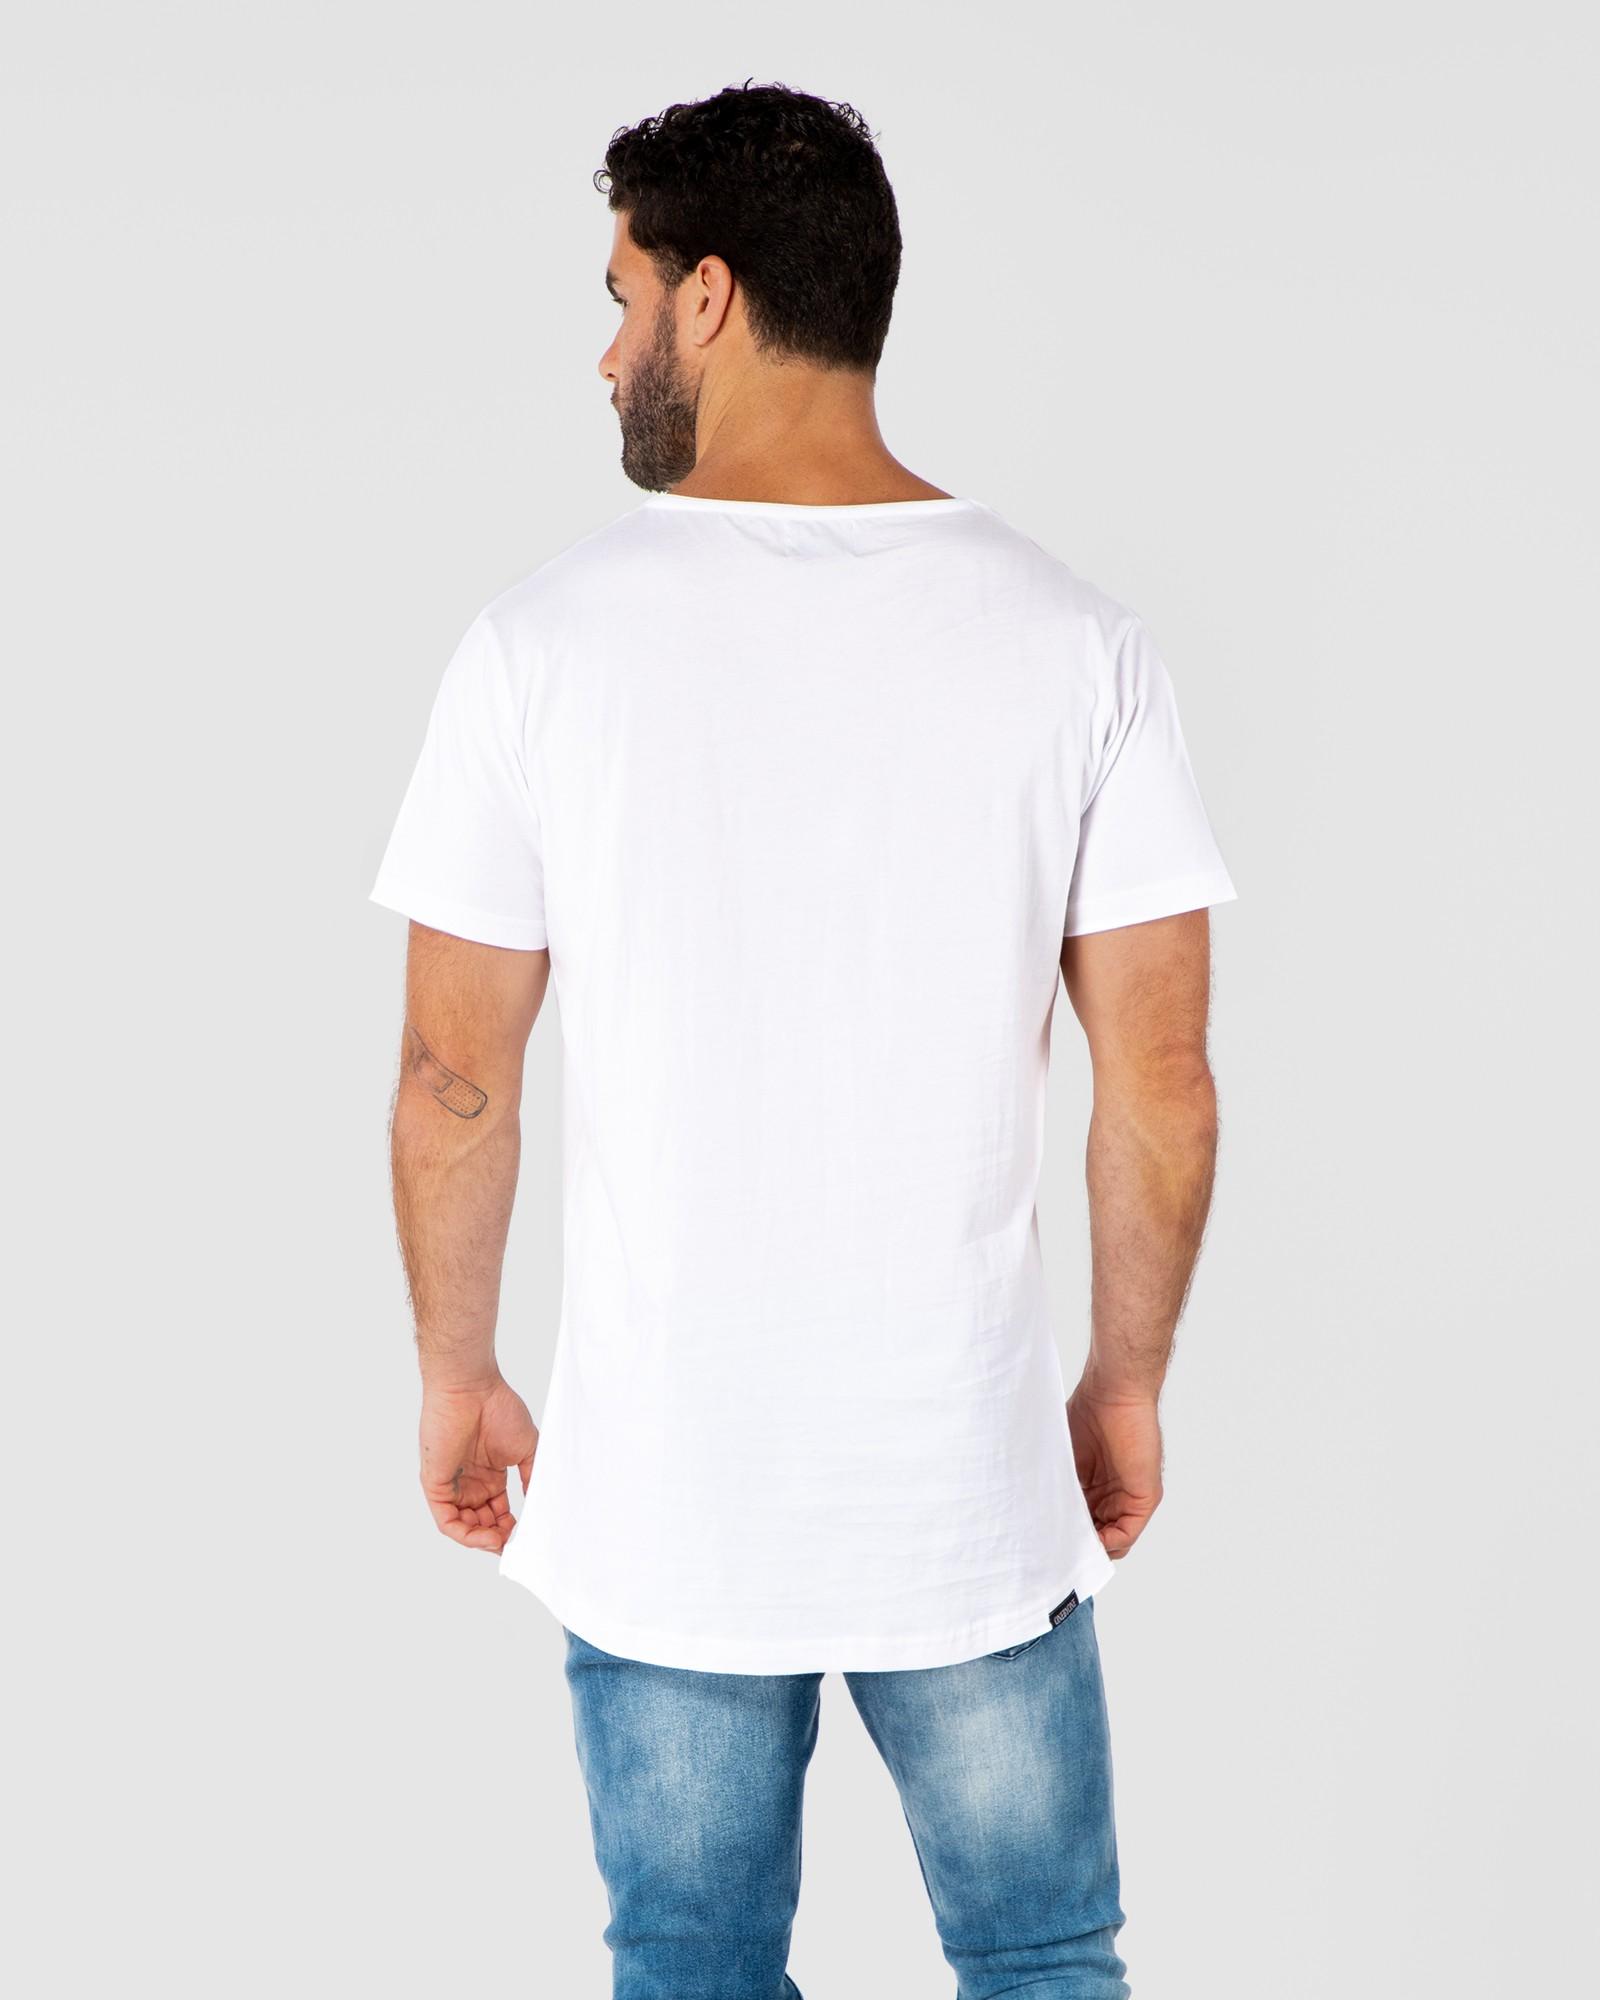 DESERTER WHITE TEE